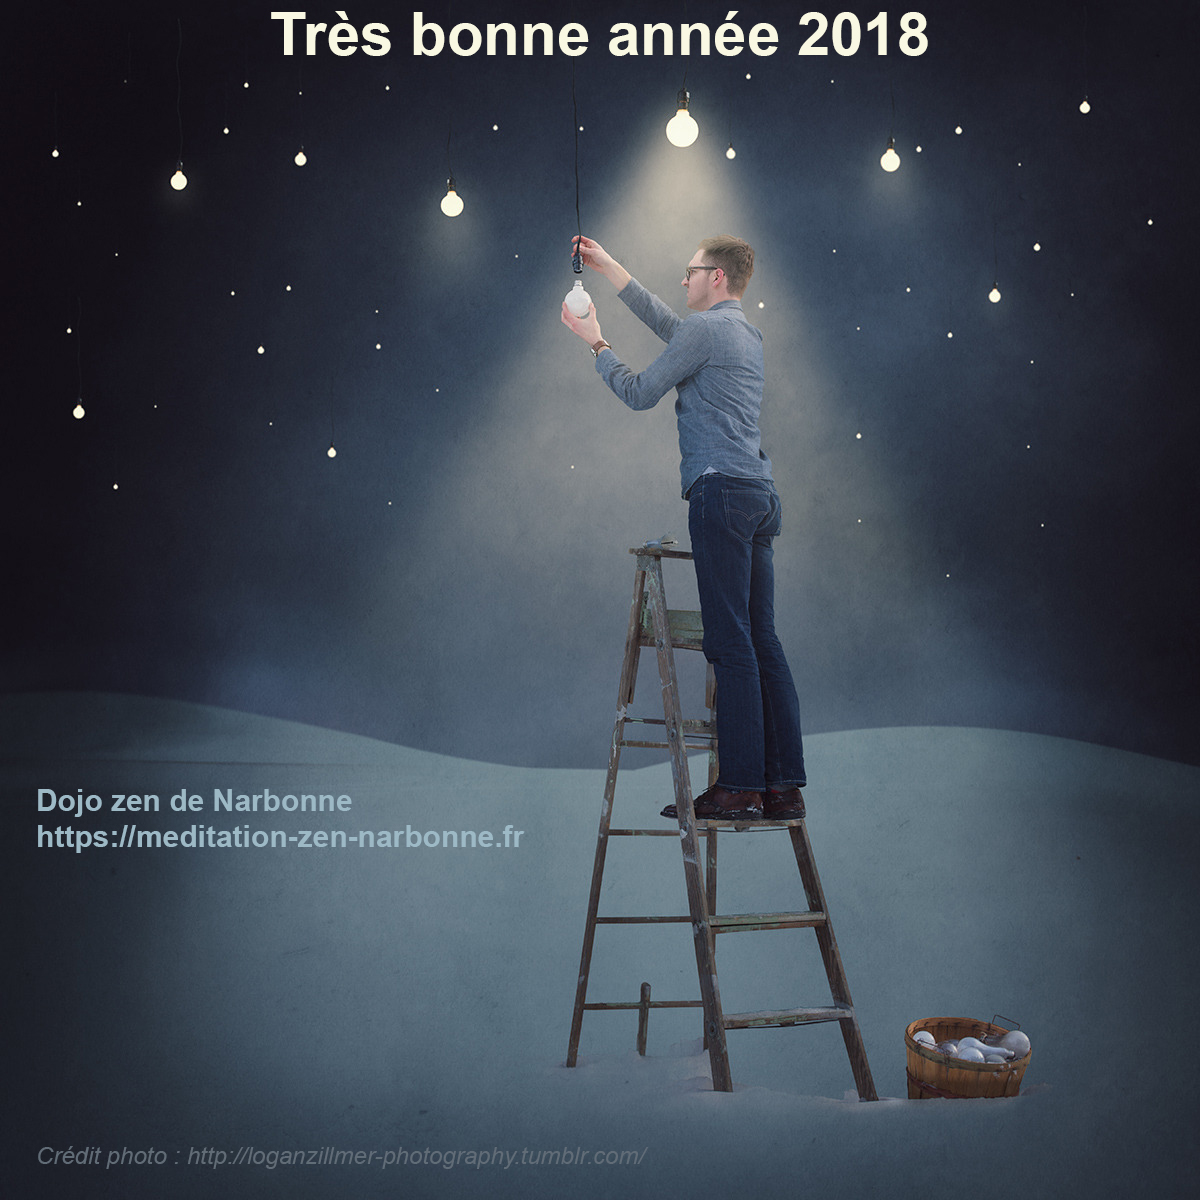 Méditation zen Narbonne - voeux 2018